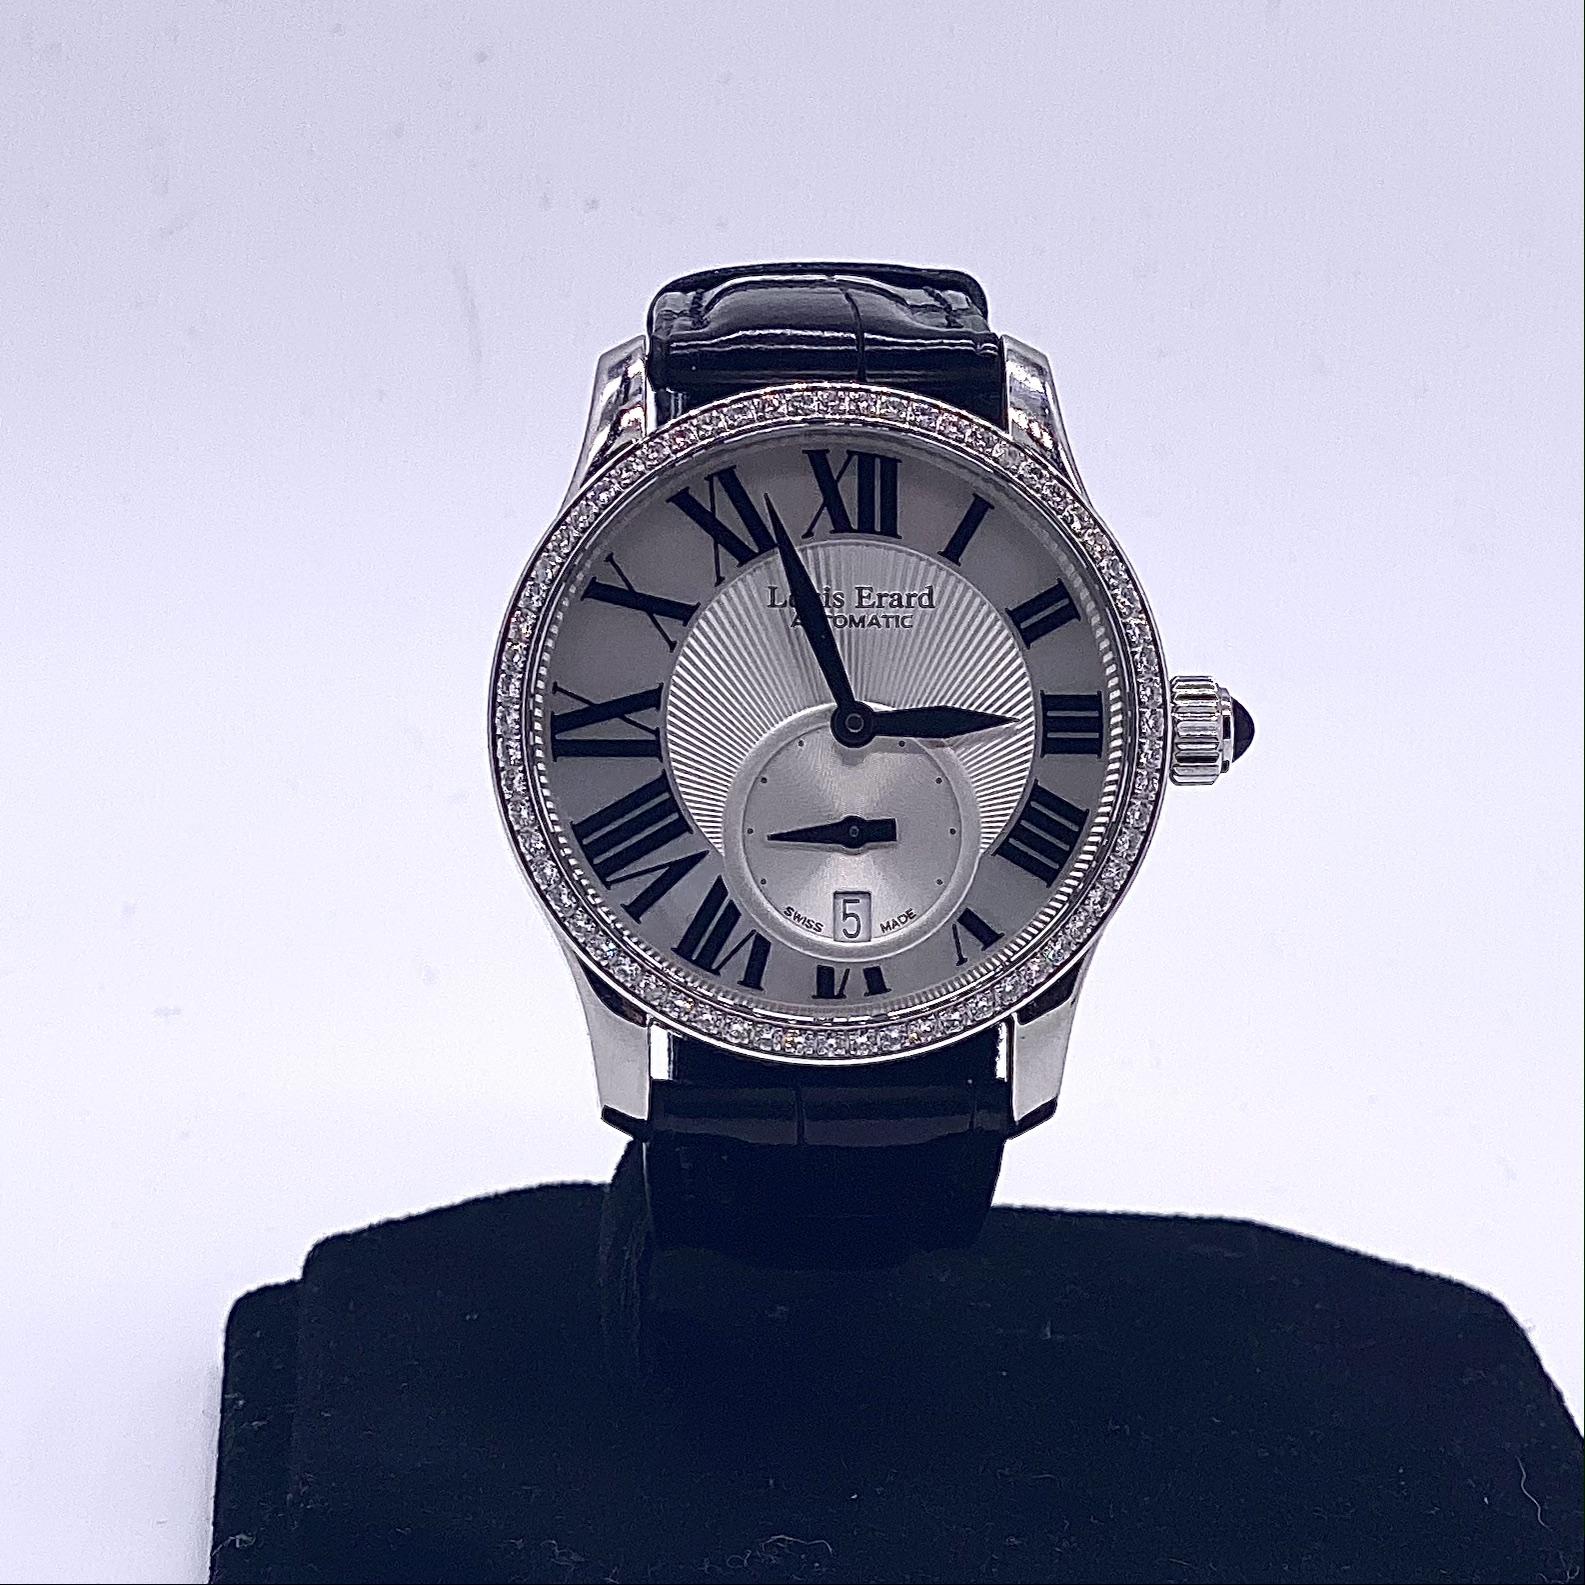 Louis Erard Watch